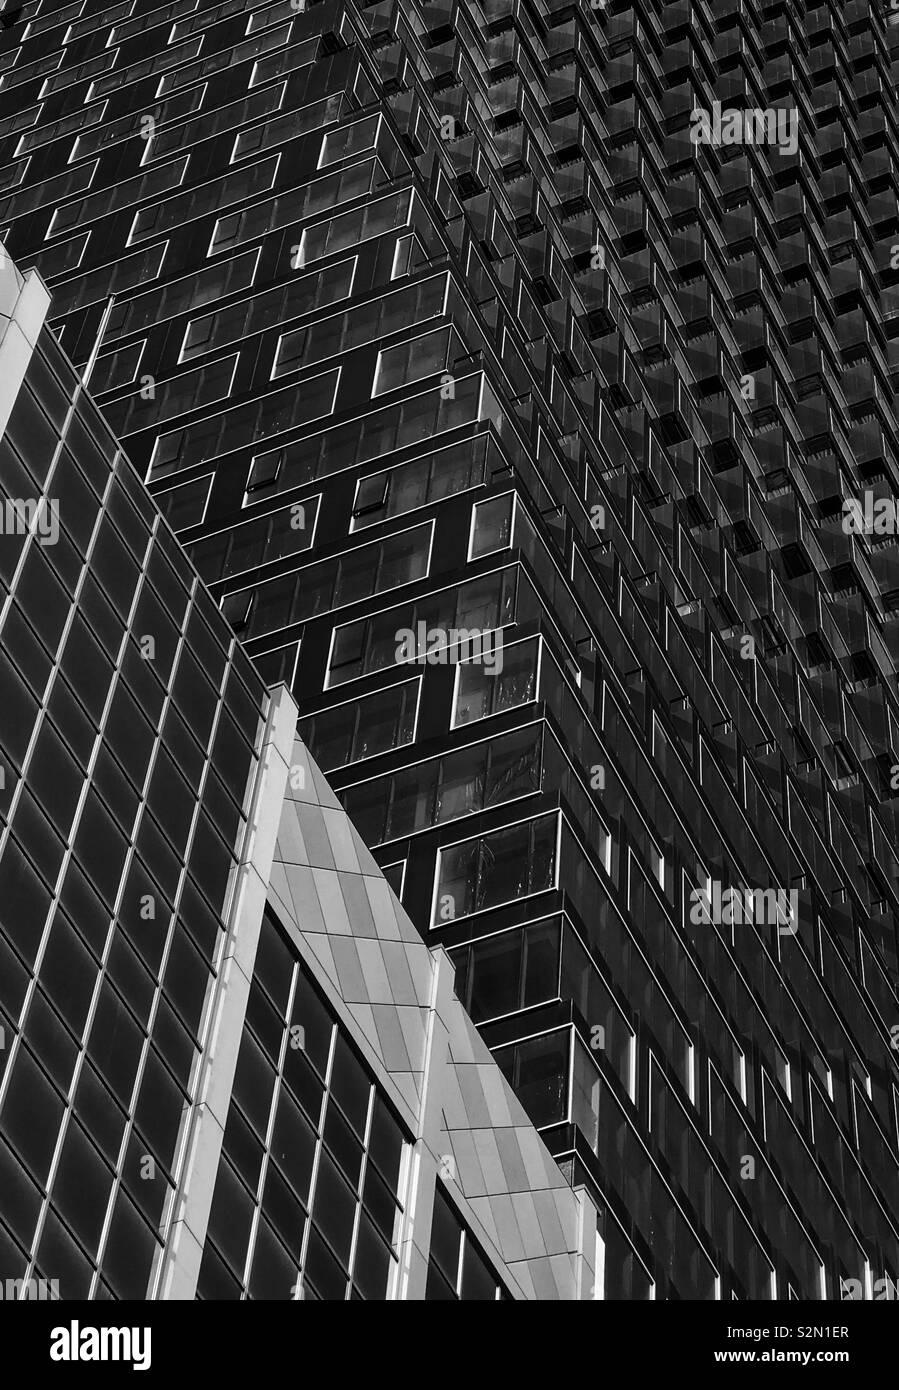 Résumé de l'architecture en monochrome. Les bâtiments dans le centre-ville de Calgary, Alberta, Canada. Photo Stock